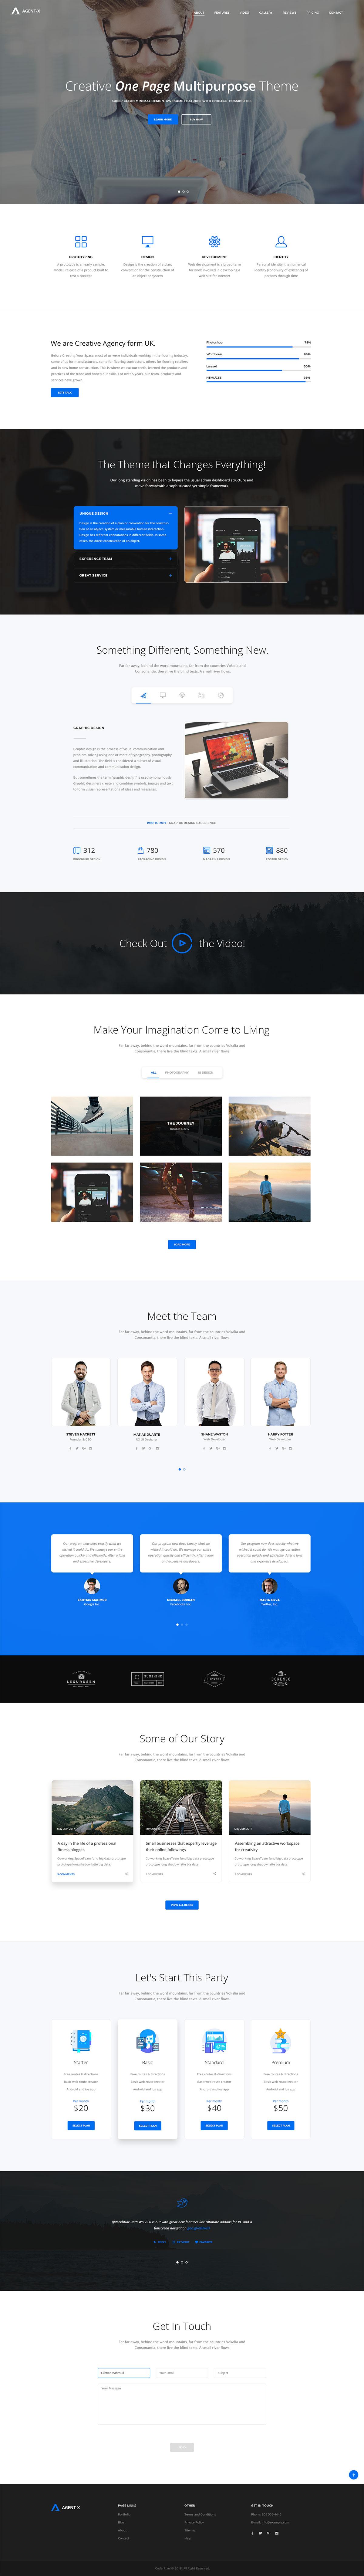 工作室的网站这样设计才有趣!